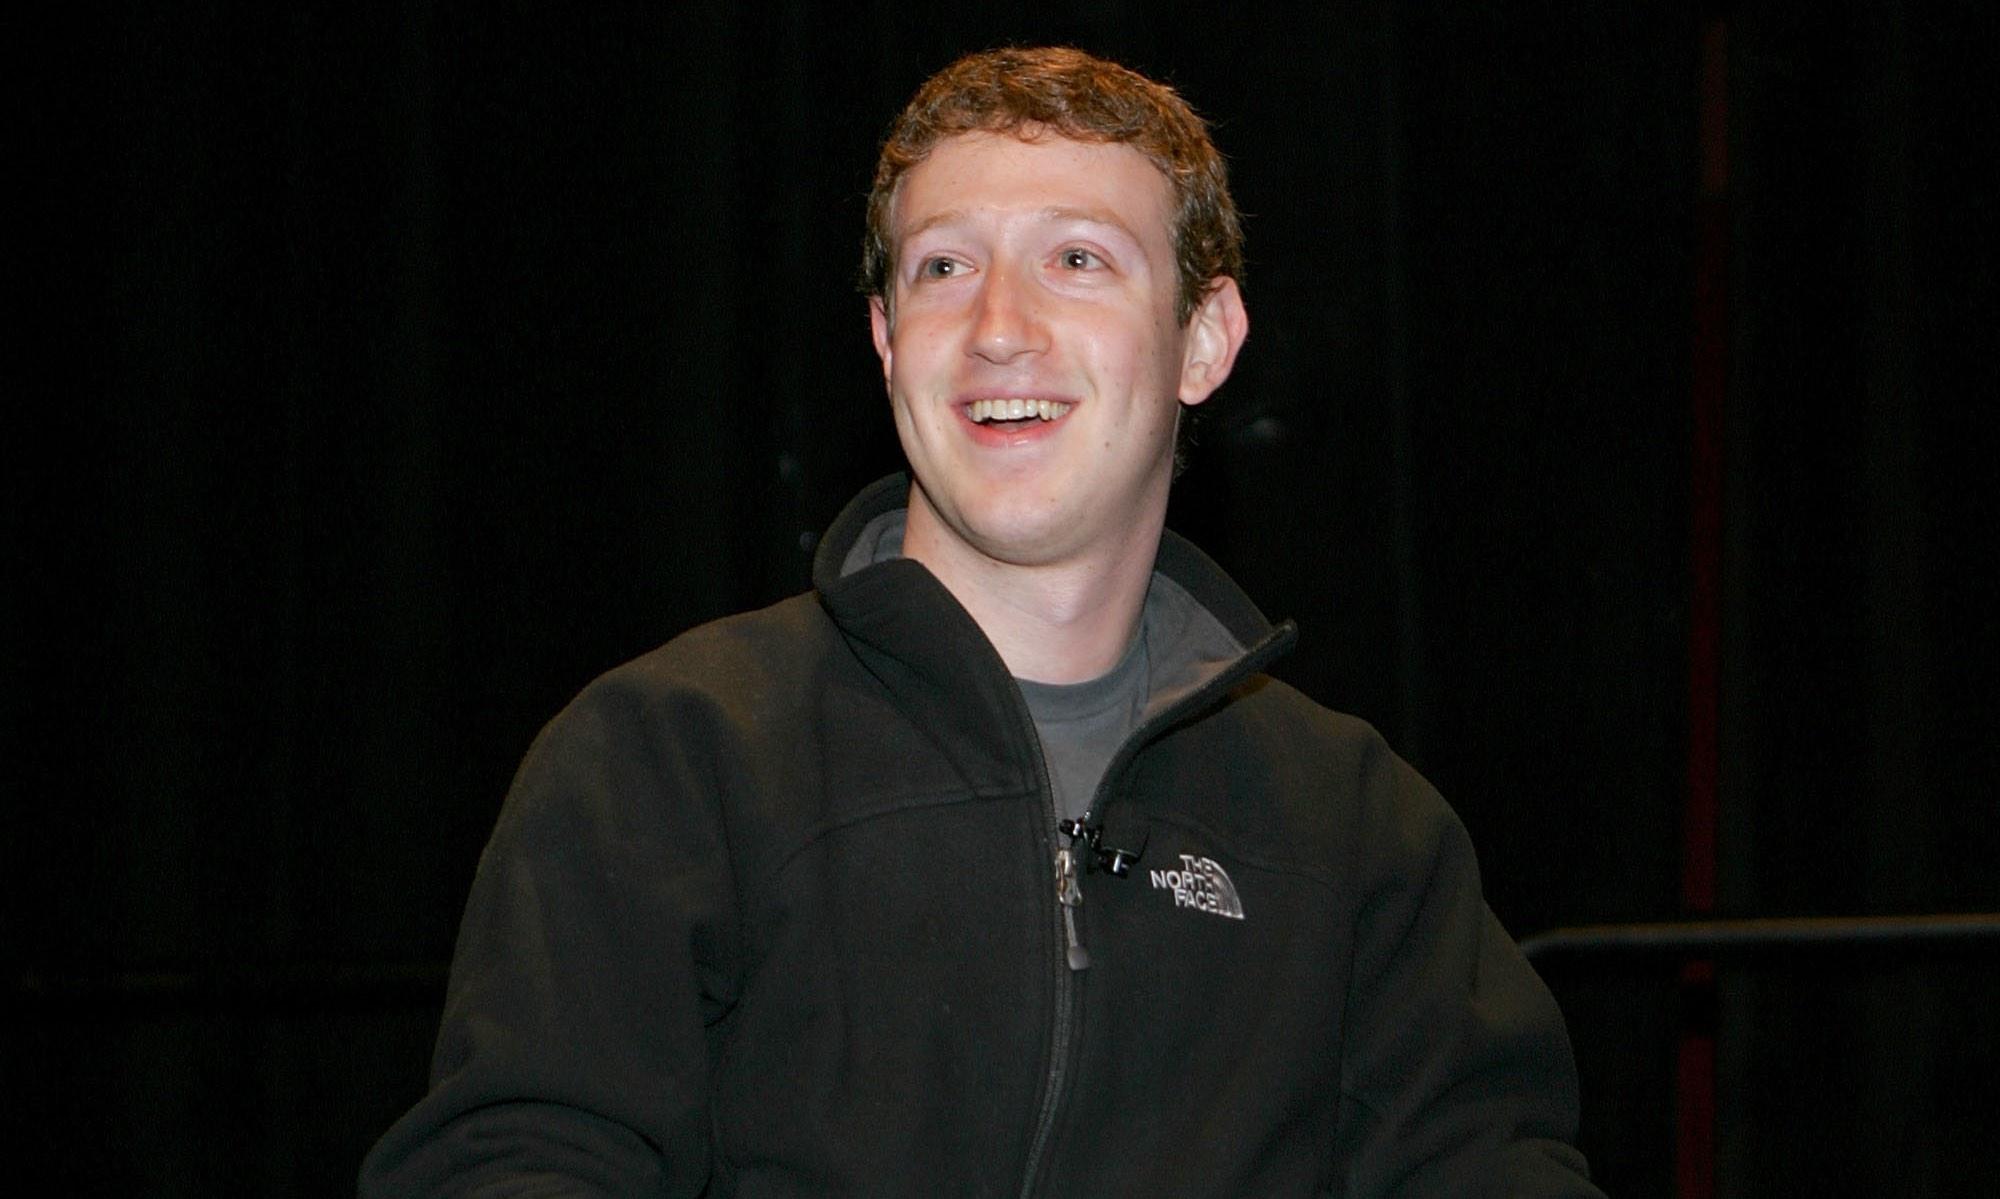 Mark Zuckerberg at SXSW in 2008